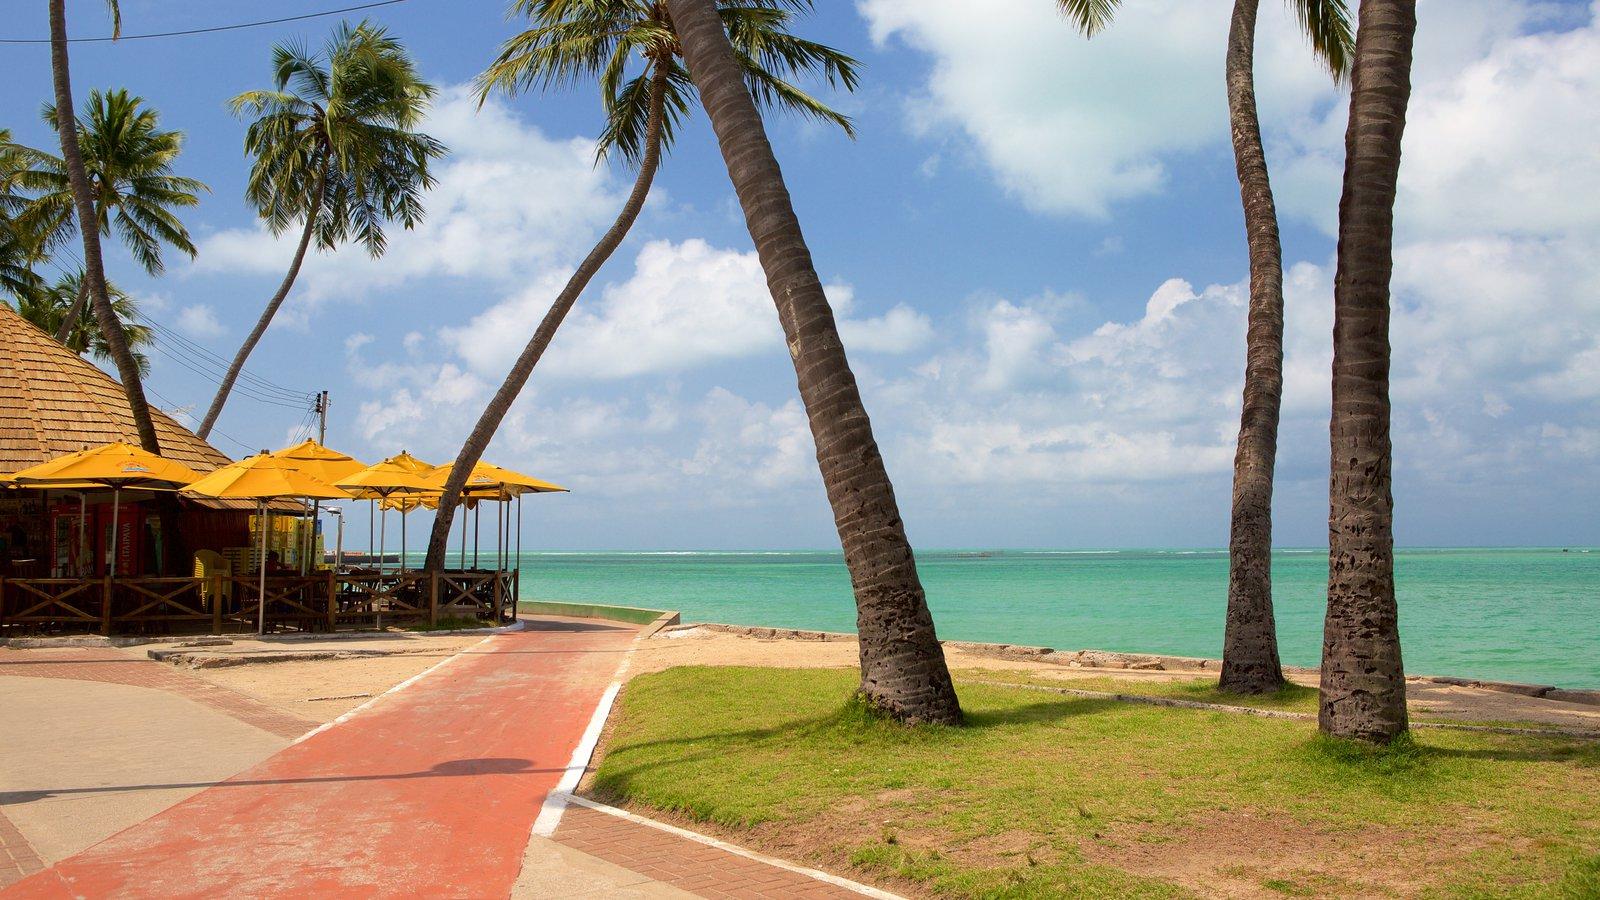 Praia de Ponta Verde caracterizando paisagens litorâneas e uma cidade litorânea